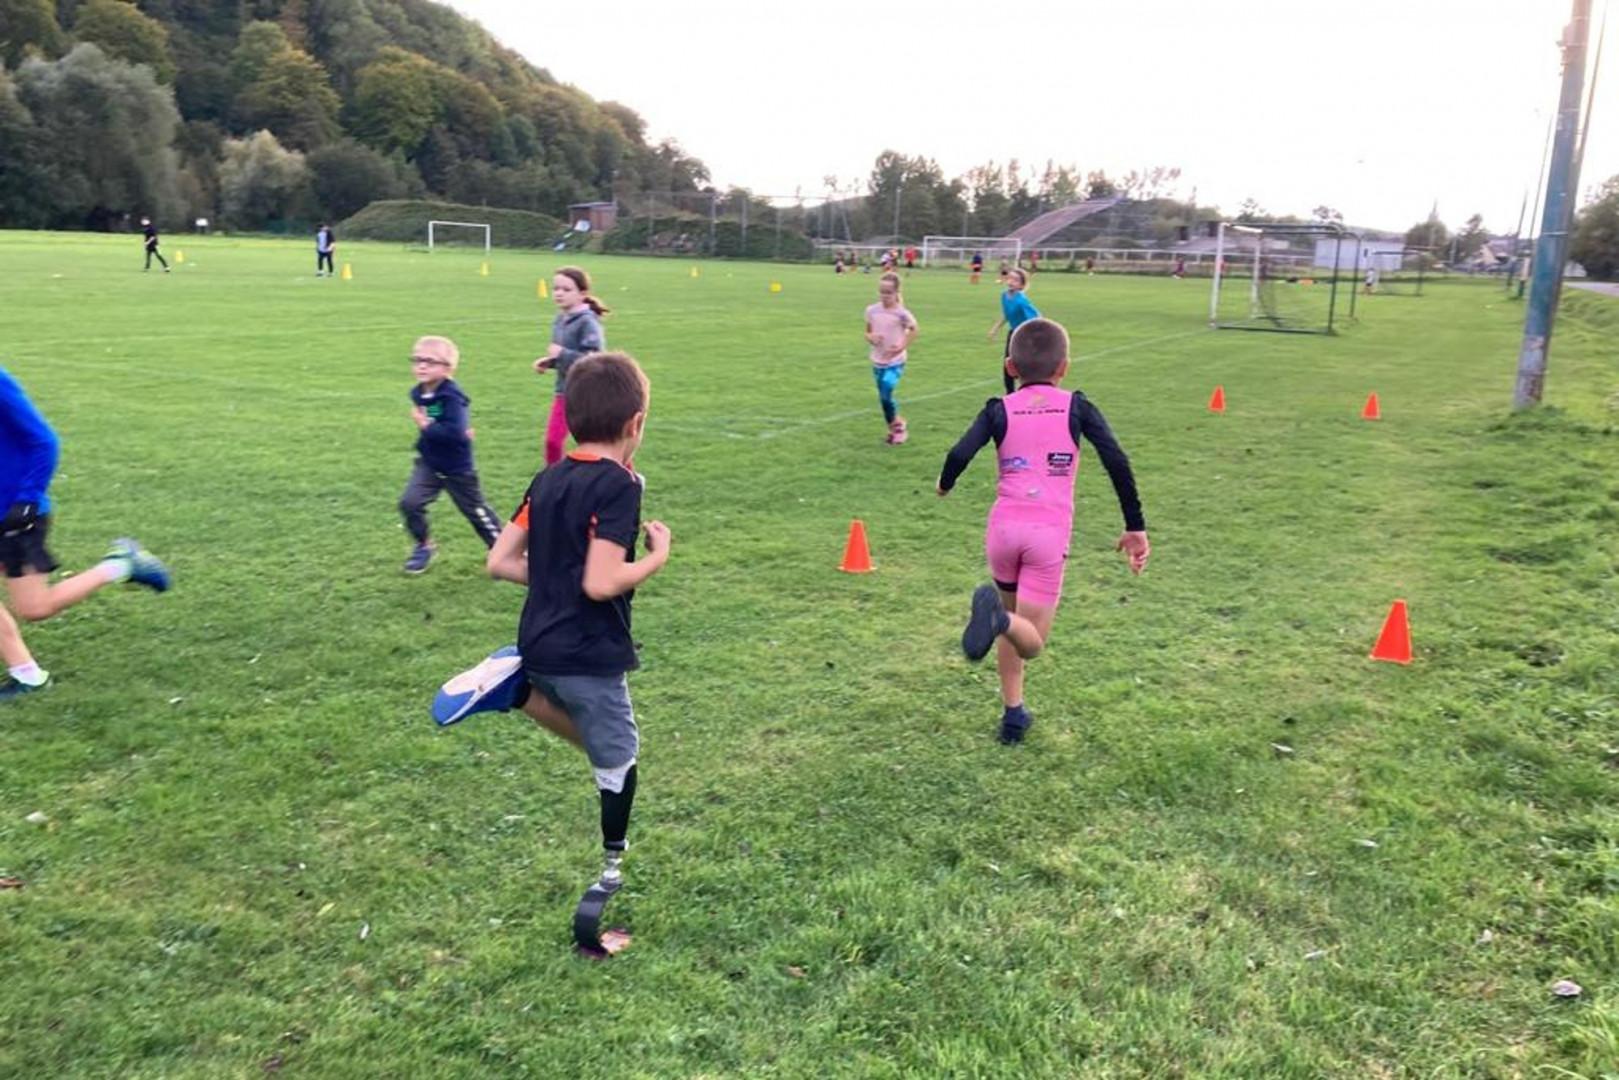 L'association Lames de joie permet aux enfants amputés de retrouver les joies du sport.